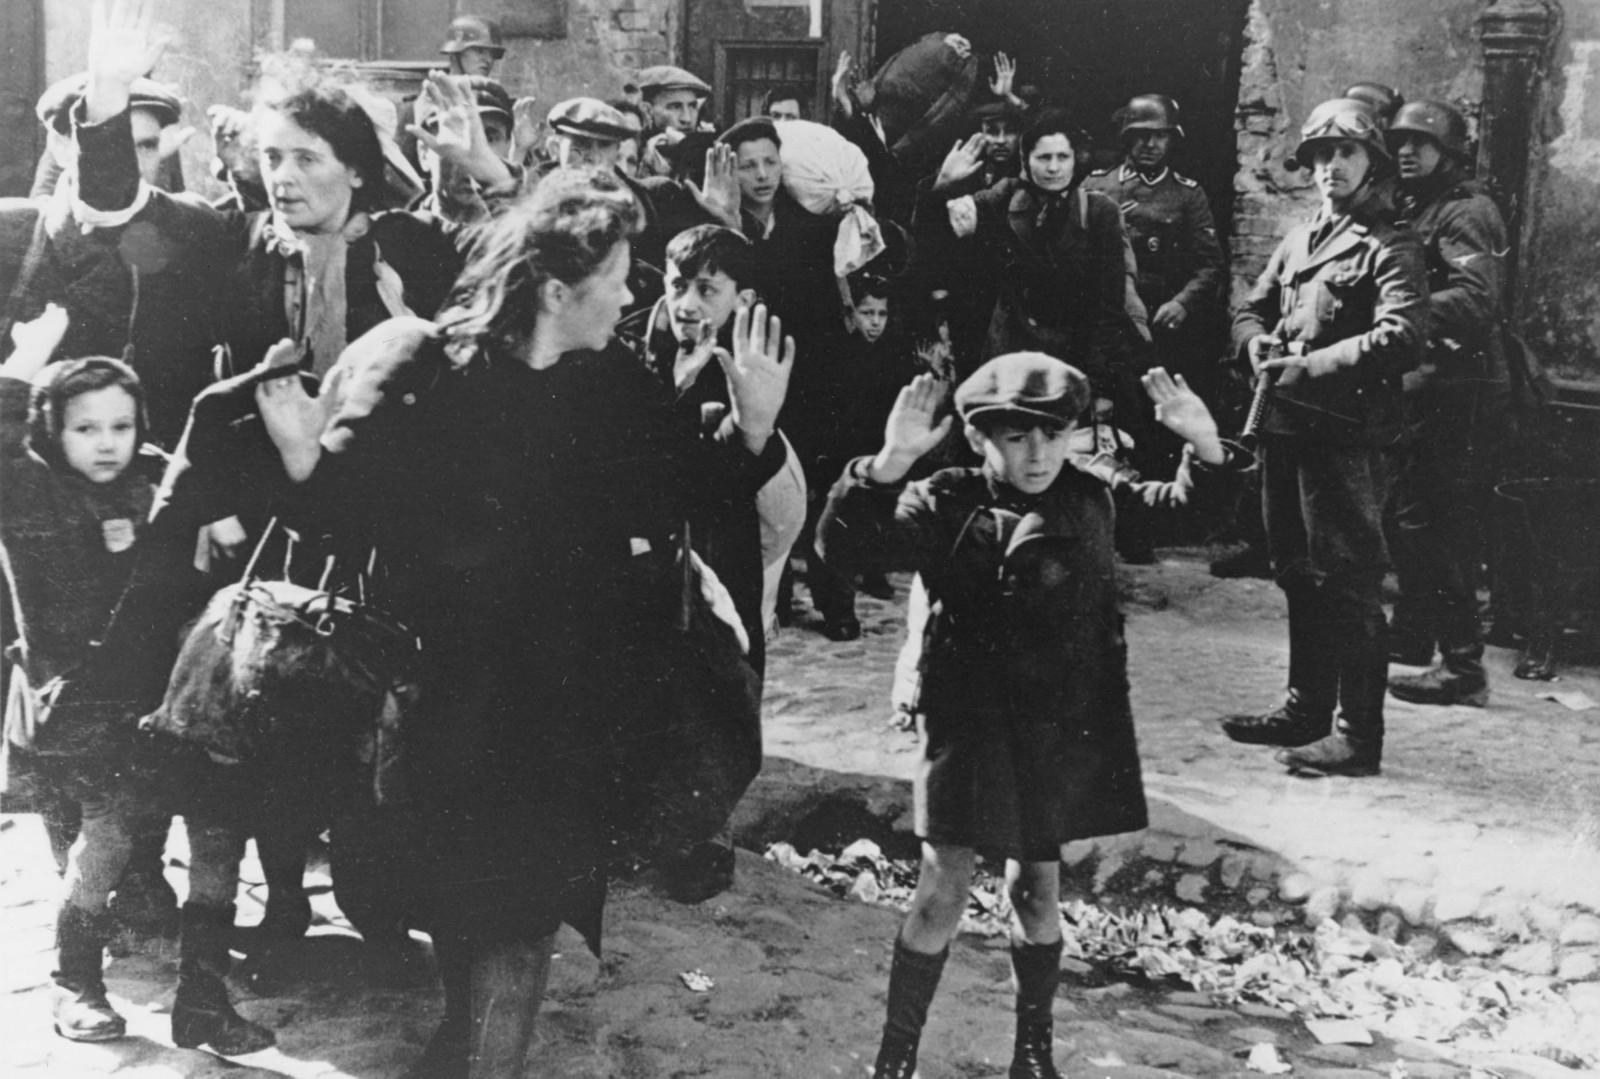 JØDEUTRYDDELSE: Under andre verdenskrig, den 19. april 1943, blir en gruppe jøder eskortert ut fra ghettoen i Warsawa.